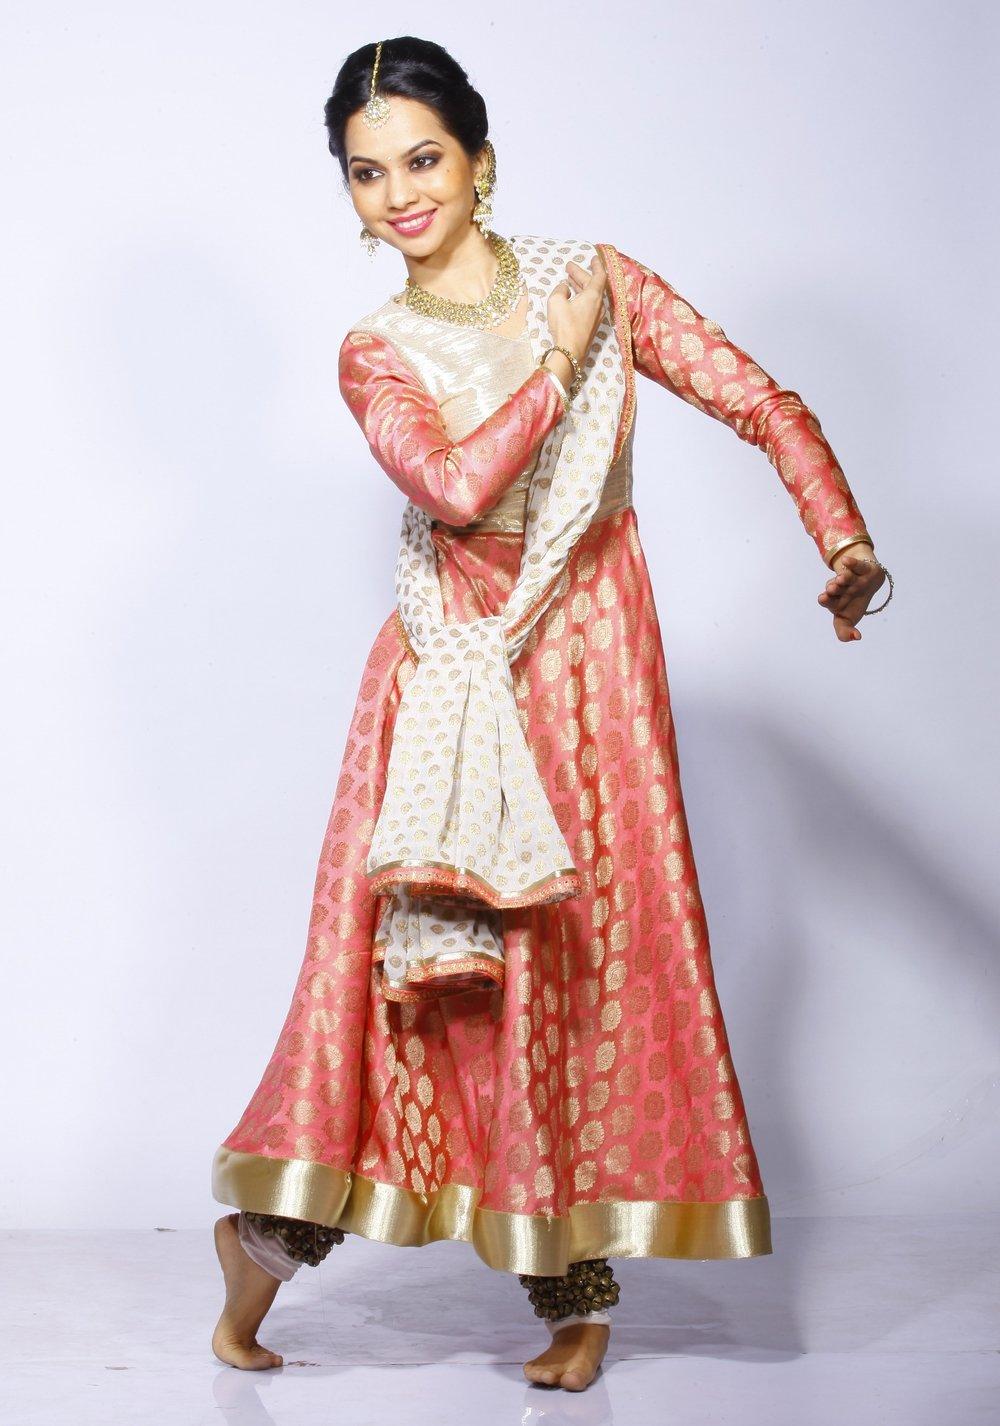 Shivangi+Kathak+Dancer+1.jpg